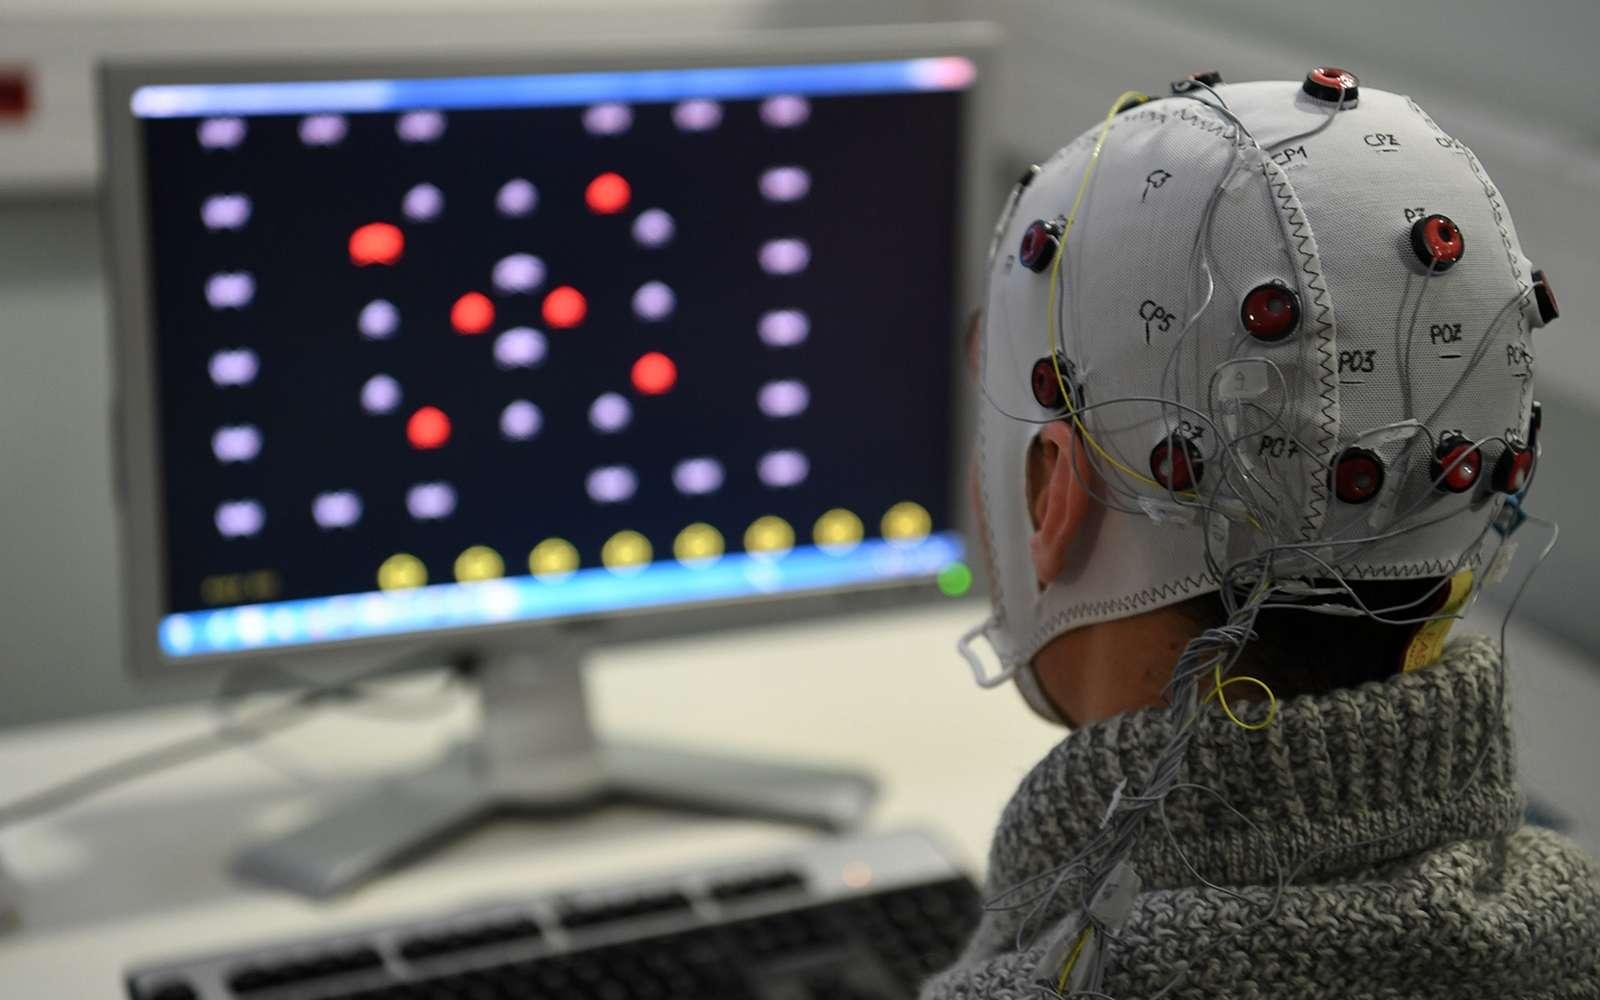 Une personne équipée d'un casque EEG essaie le jeu Brain Invaders développé par le laboratoire images parole signal automatique (GIPSA-lab) de Grenoble. © Jean-Pierre Clatot / AFP